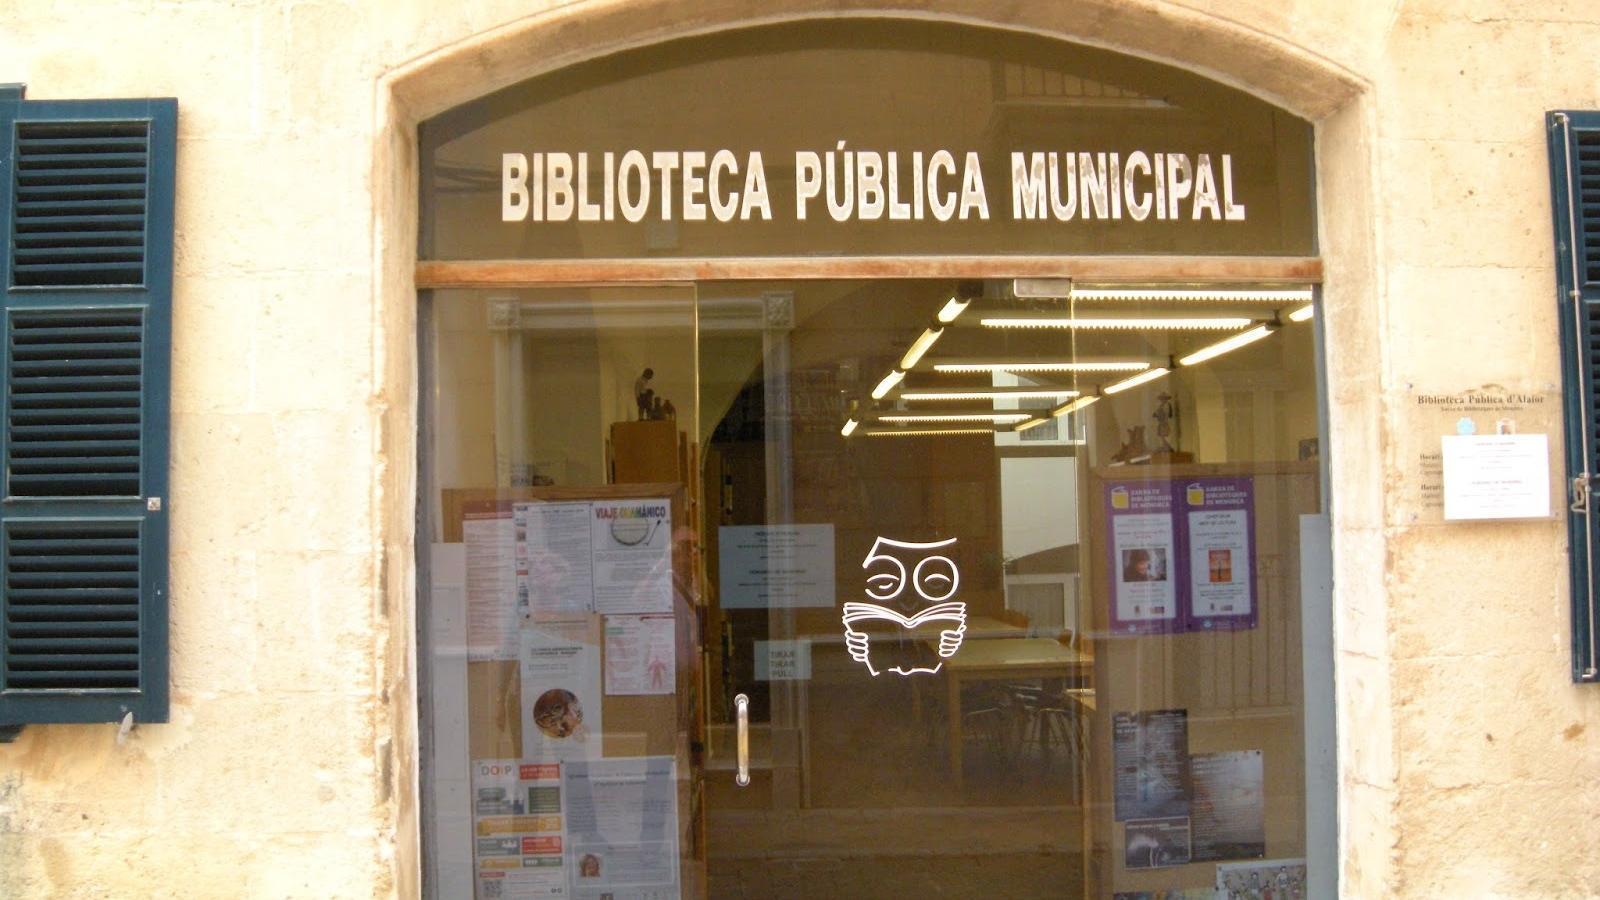 Les biblioteques públiques de Menorca continuen creixent i cada any sumen noves altes d'usuaris.